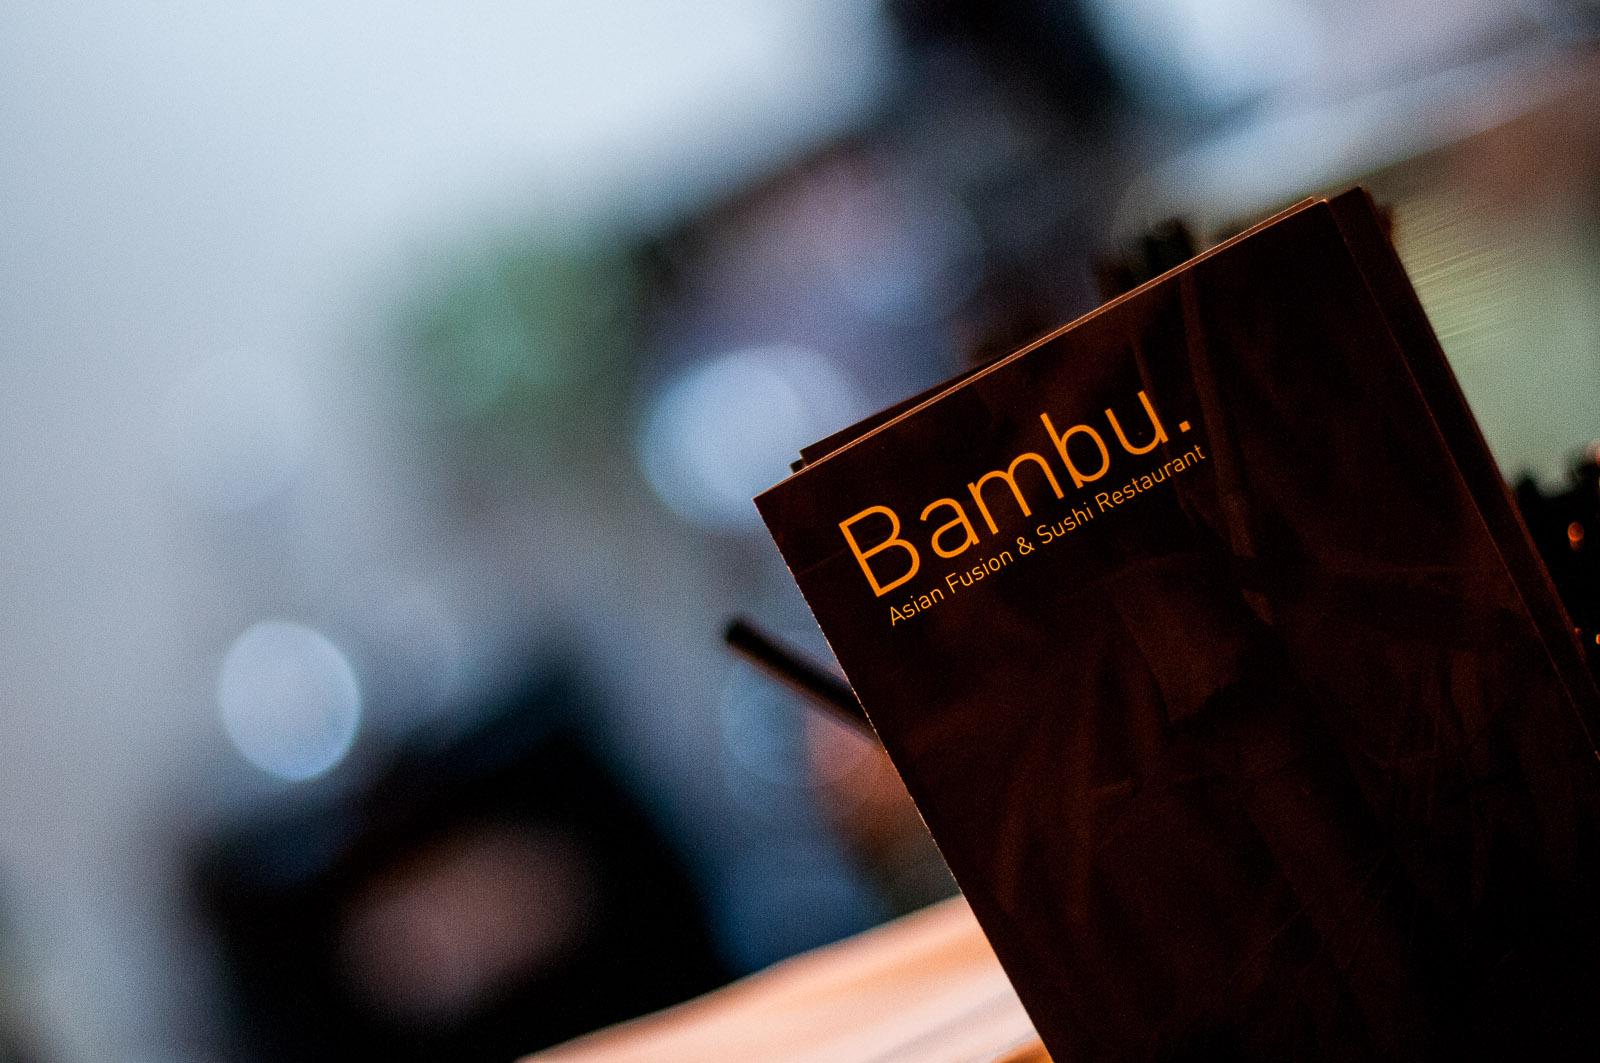 Bambu-6